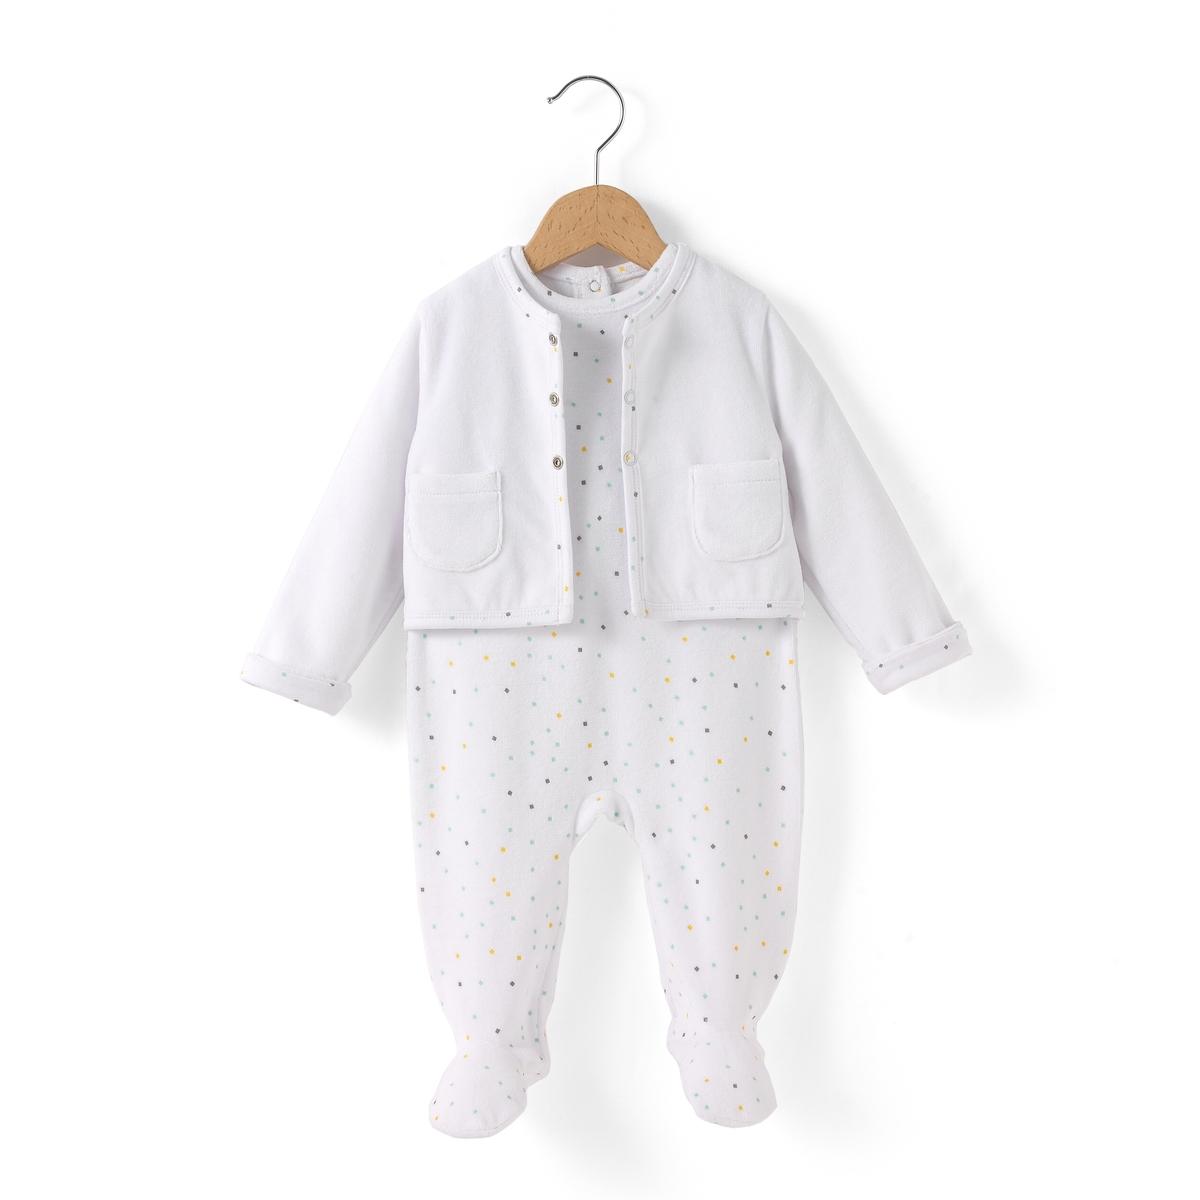 Комплект из 2 предметов: пижама и куртка 0-9 мес